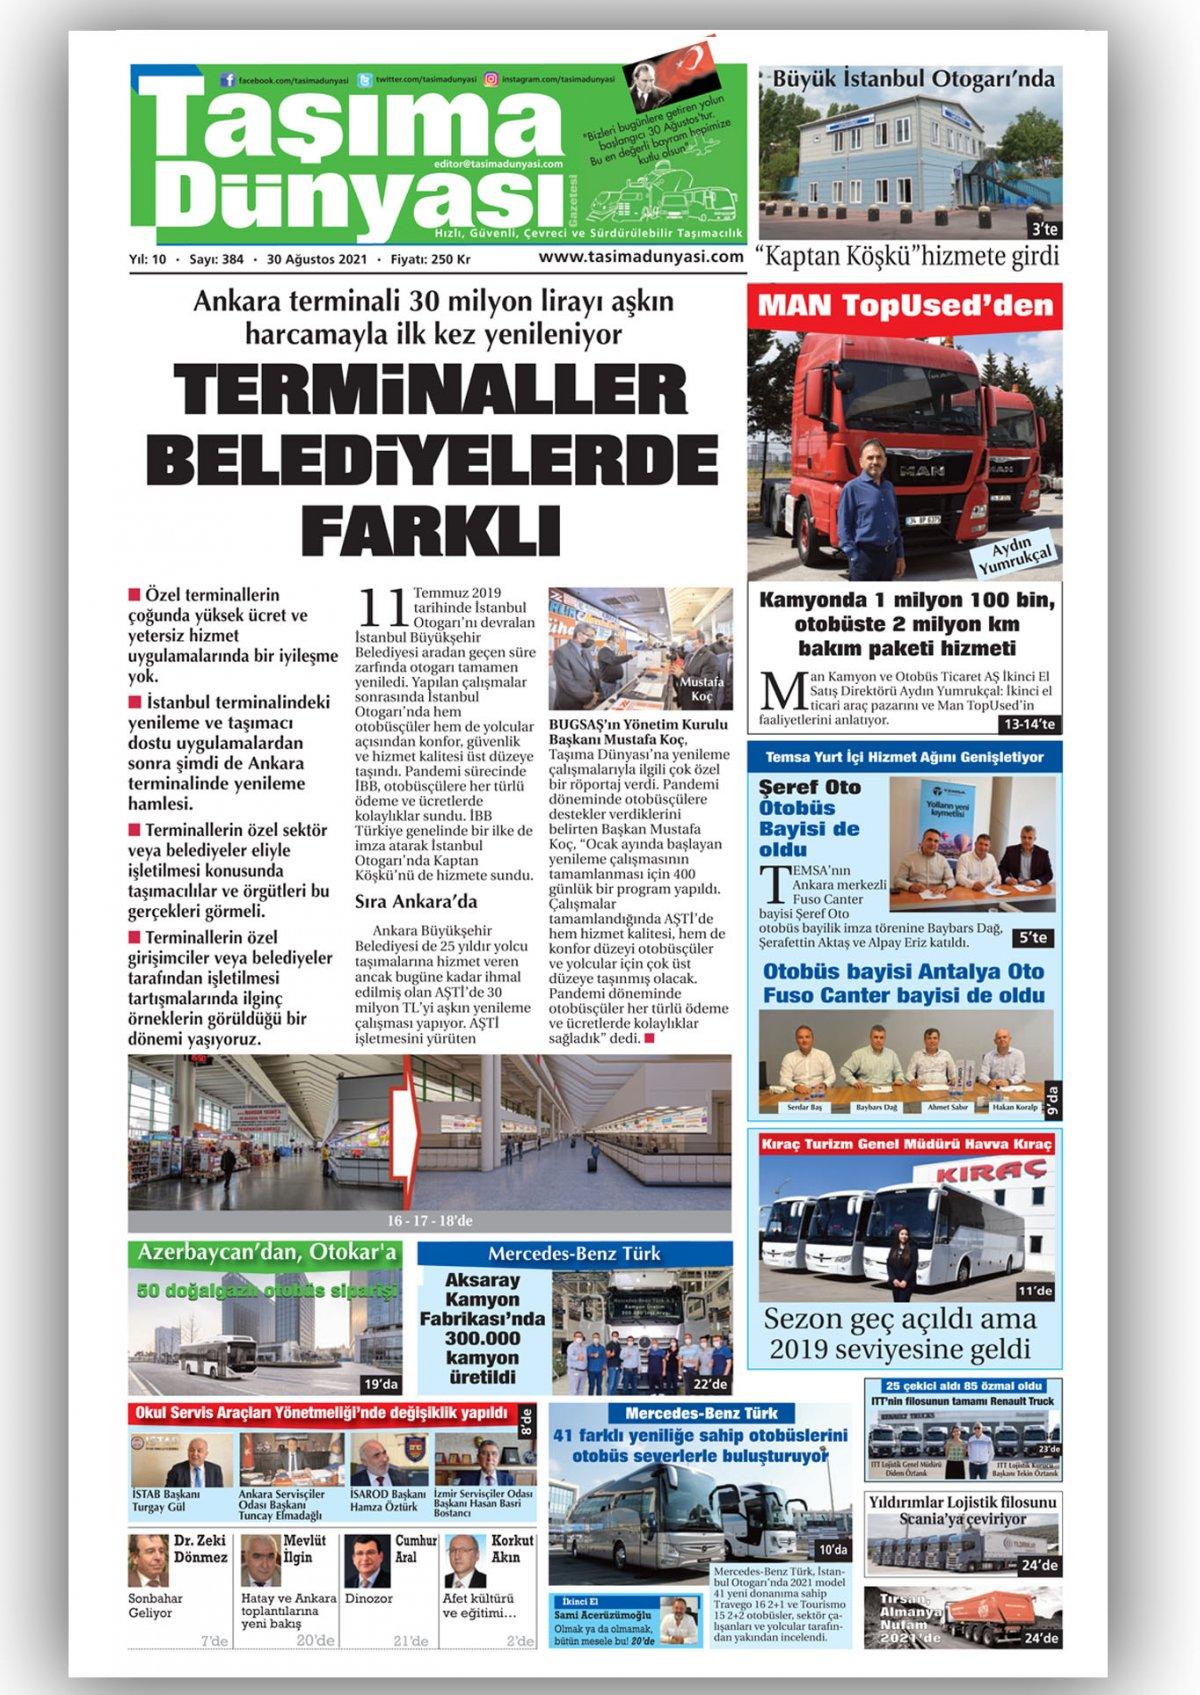 Taşıma Dünyası Gazetesi - 30.08.2021 Manşeti